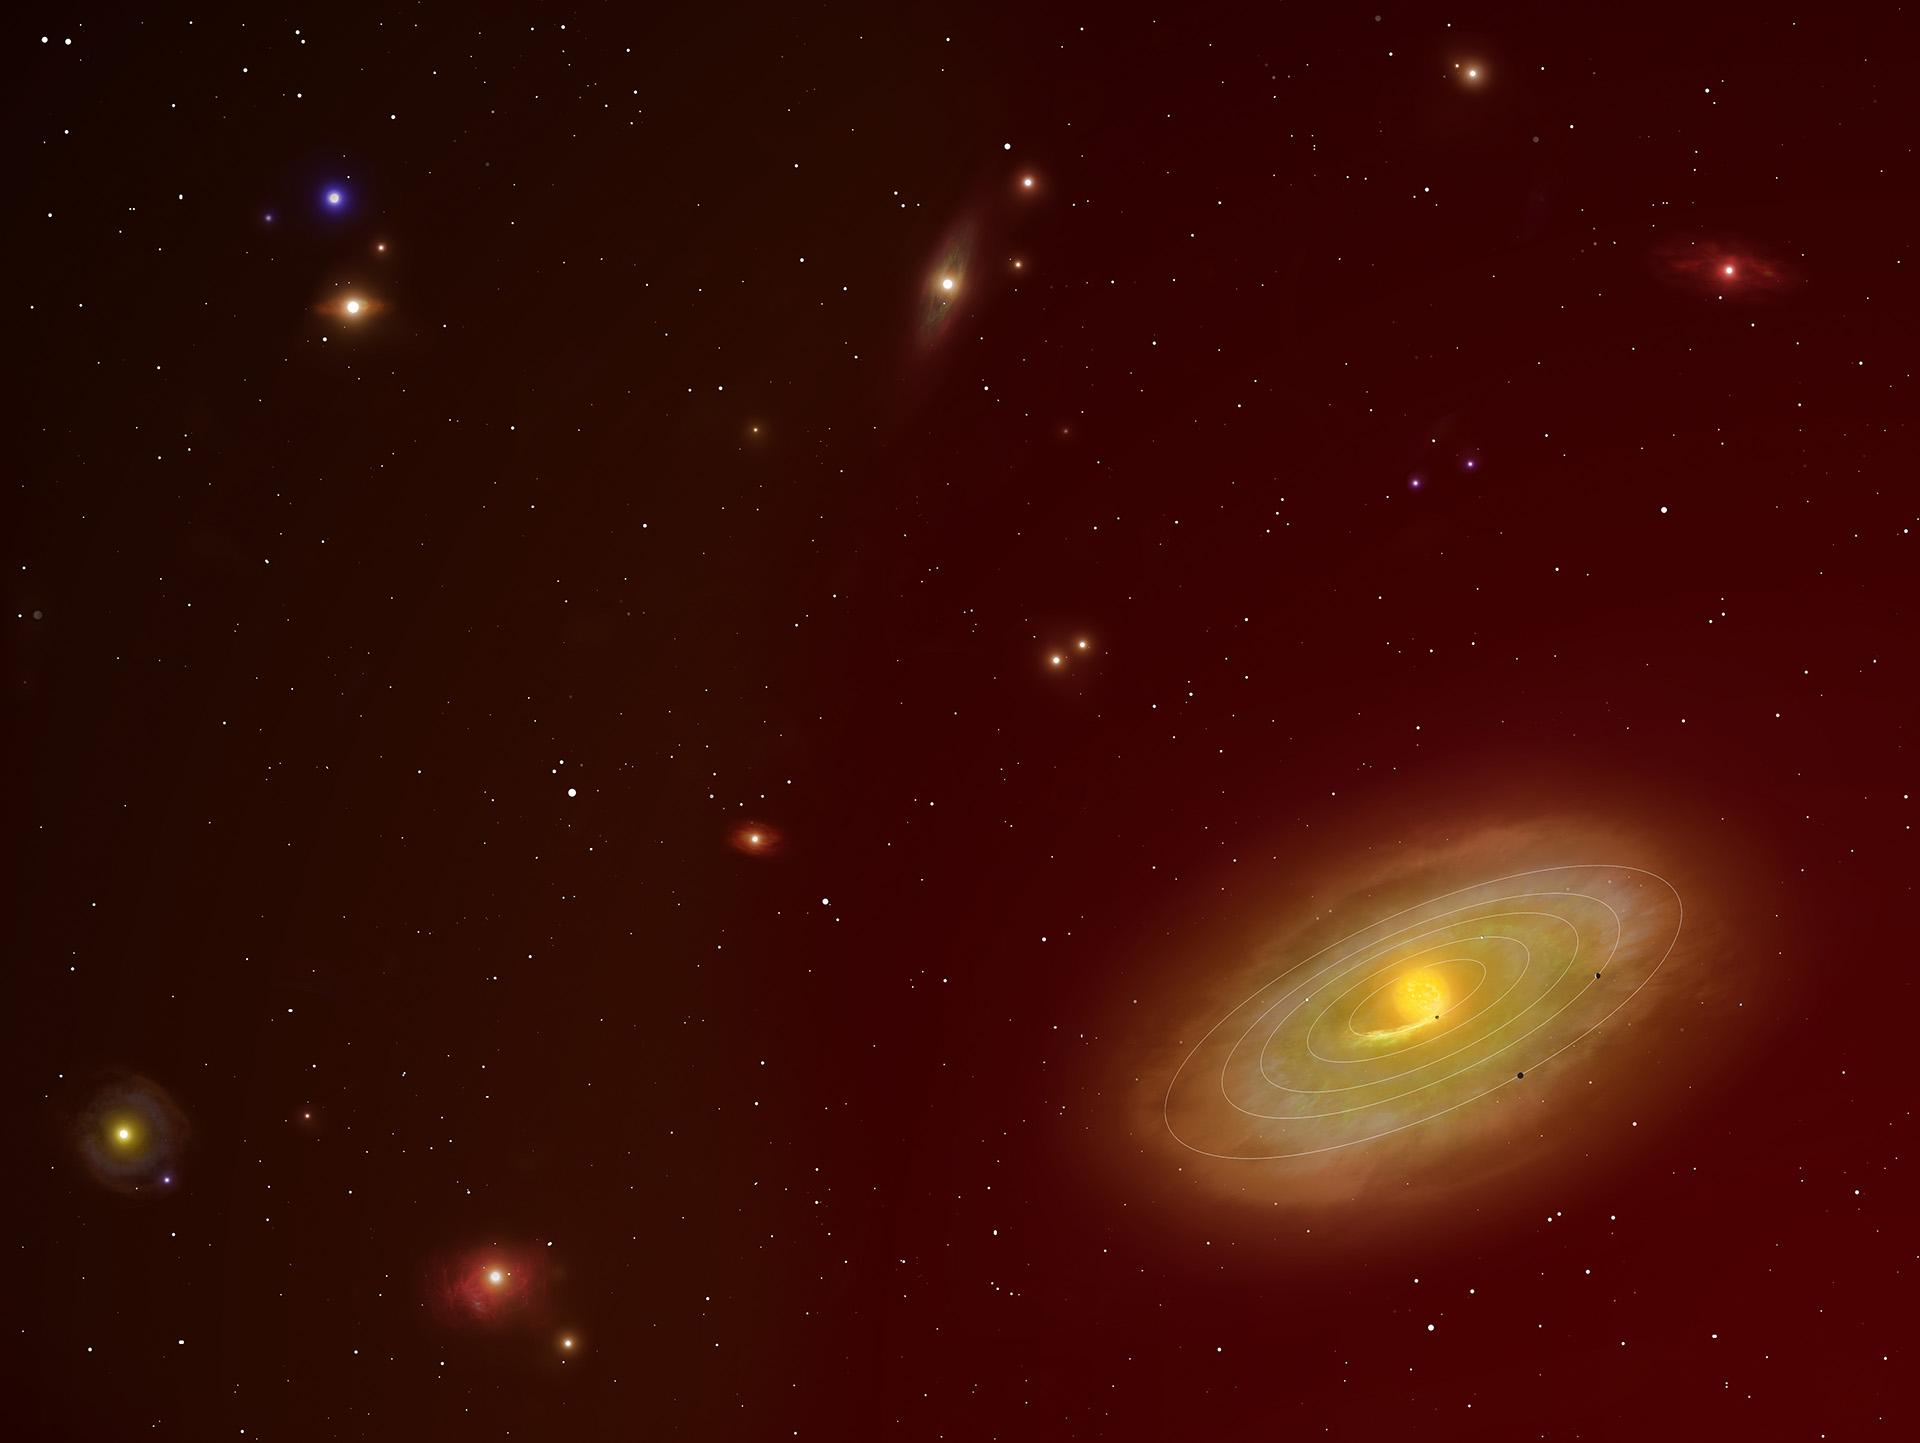 фотографии планет за пределами солнечной системы